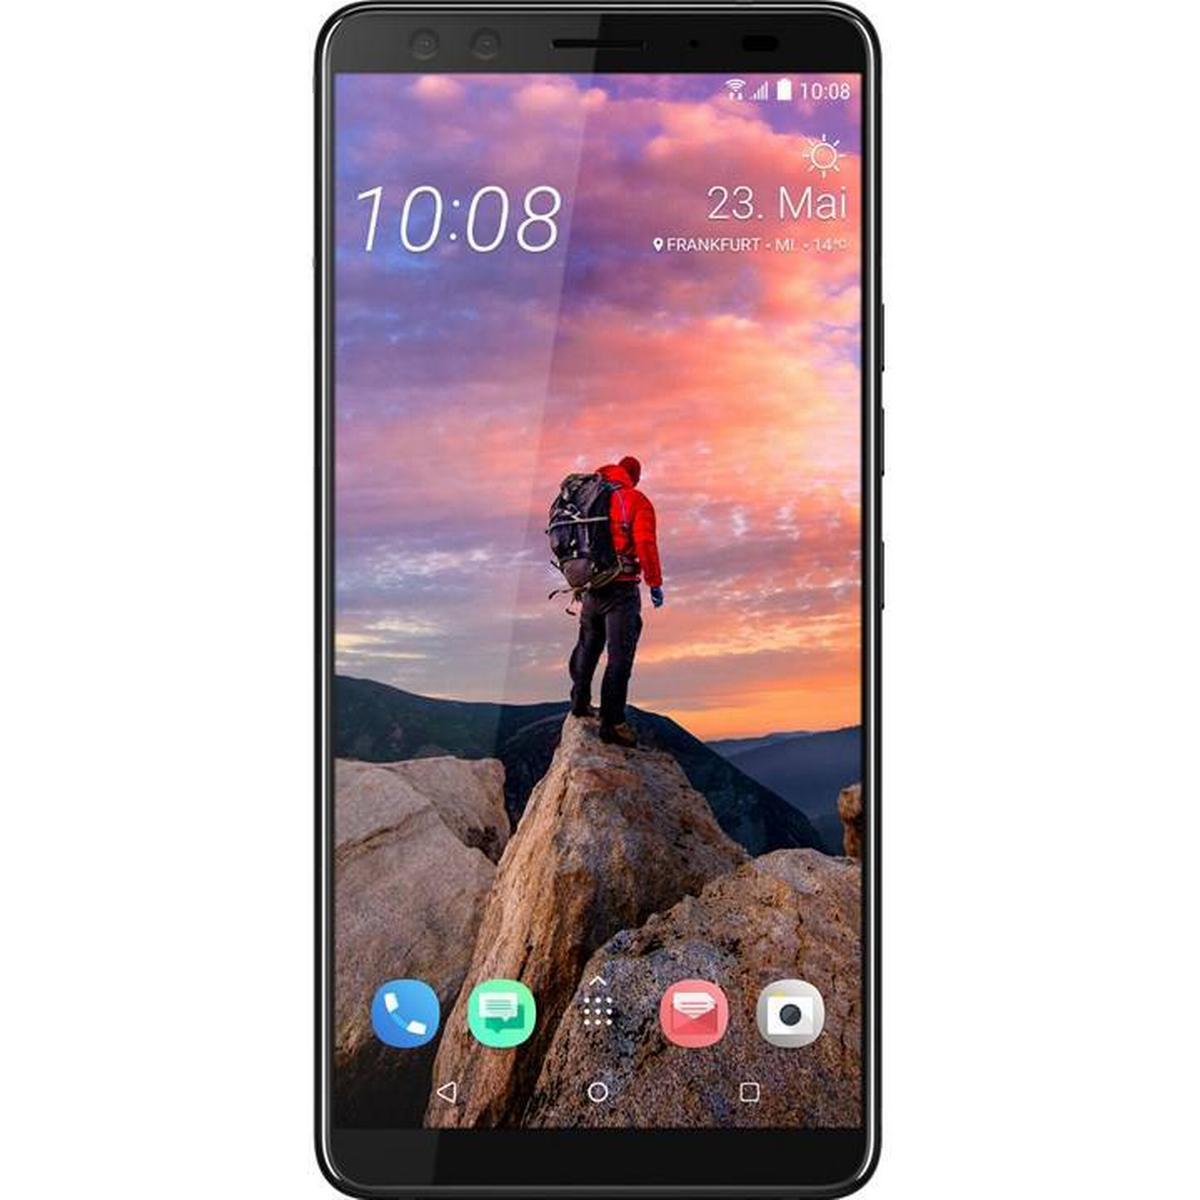 2393e5beba1 HTC Mobiltelefoner - Jämför mobil priser på PriceRunner